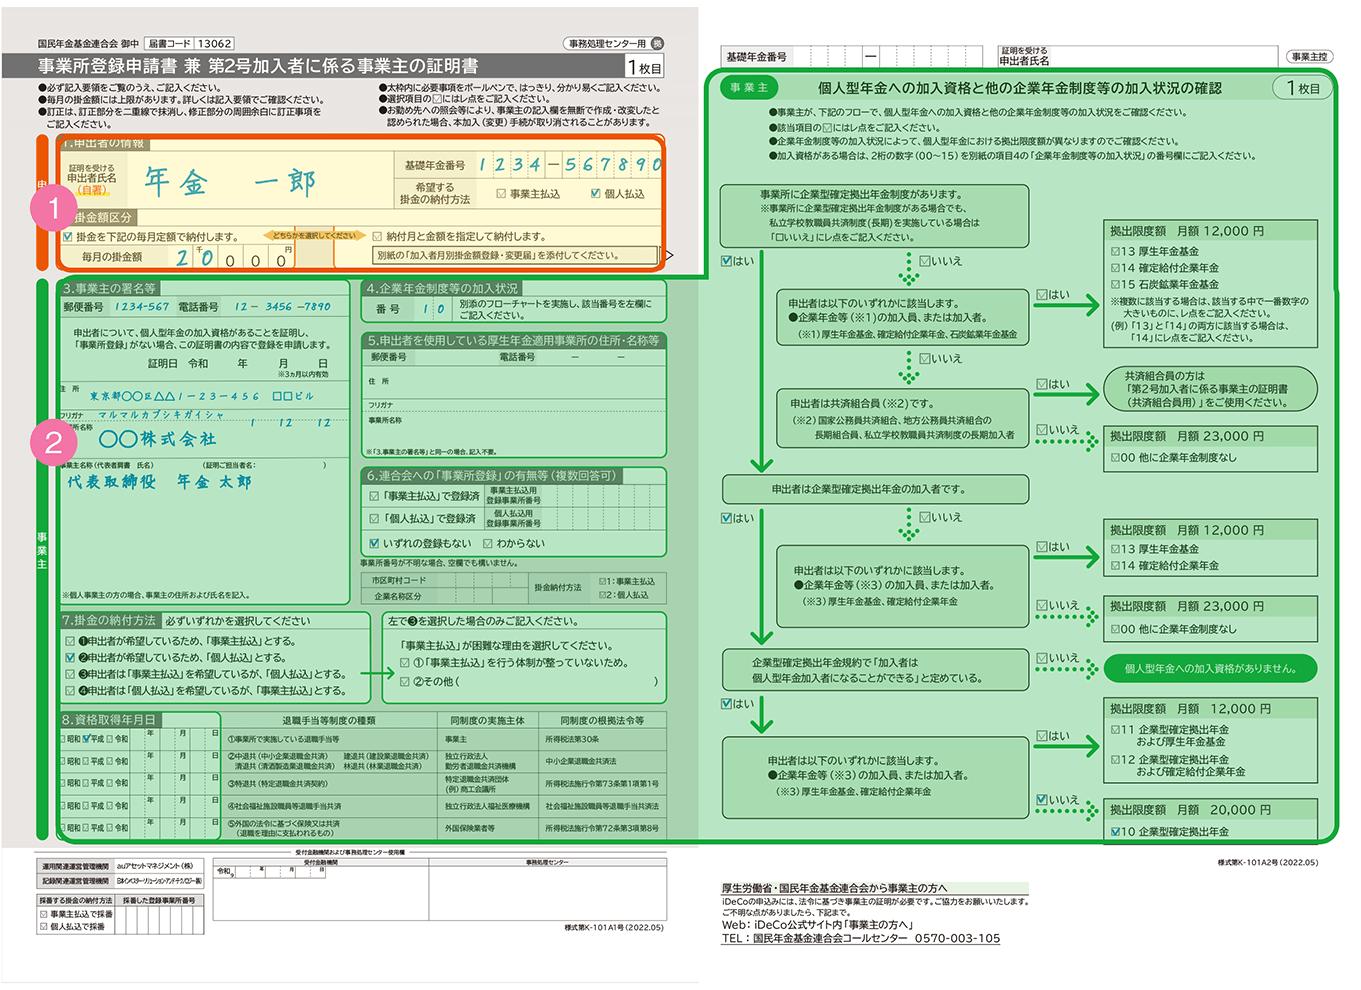 auのスマホ年金「auのiDeCo(イデコ)」個人型確定拠出年金の「事業所登録申請書 兼 第2号加入者に係る事業主の証明書(会社員)」の記入方法